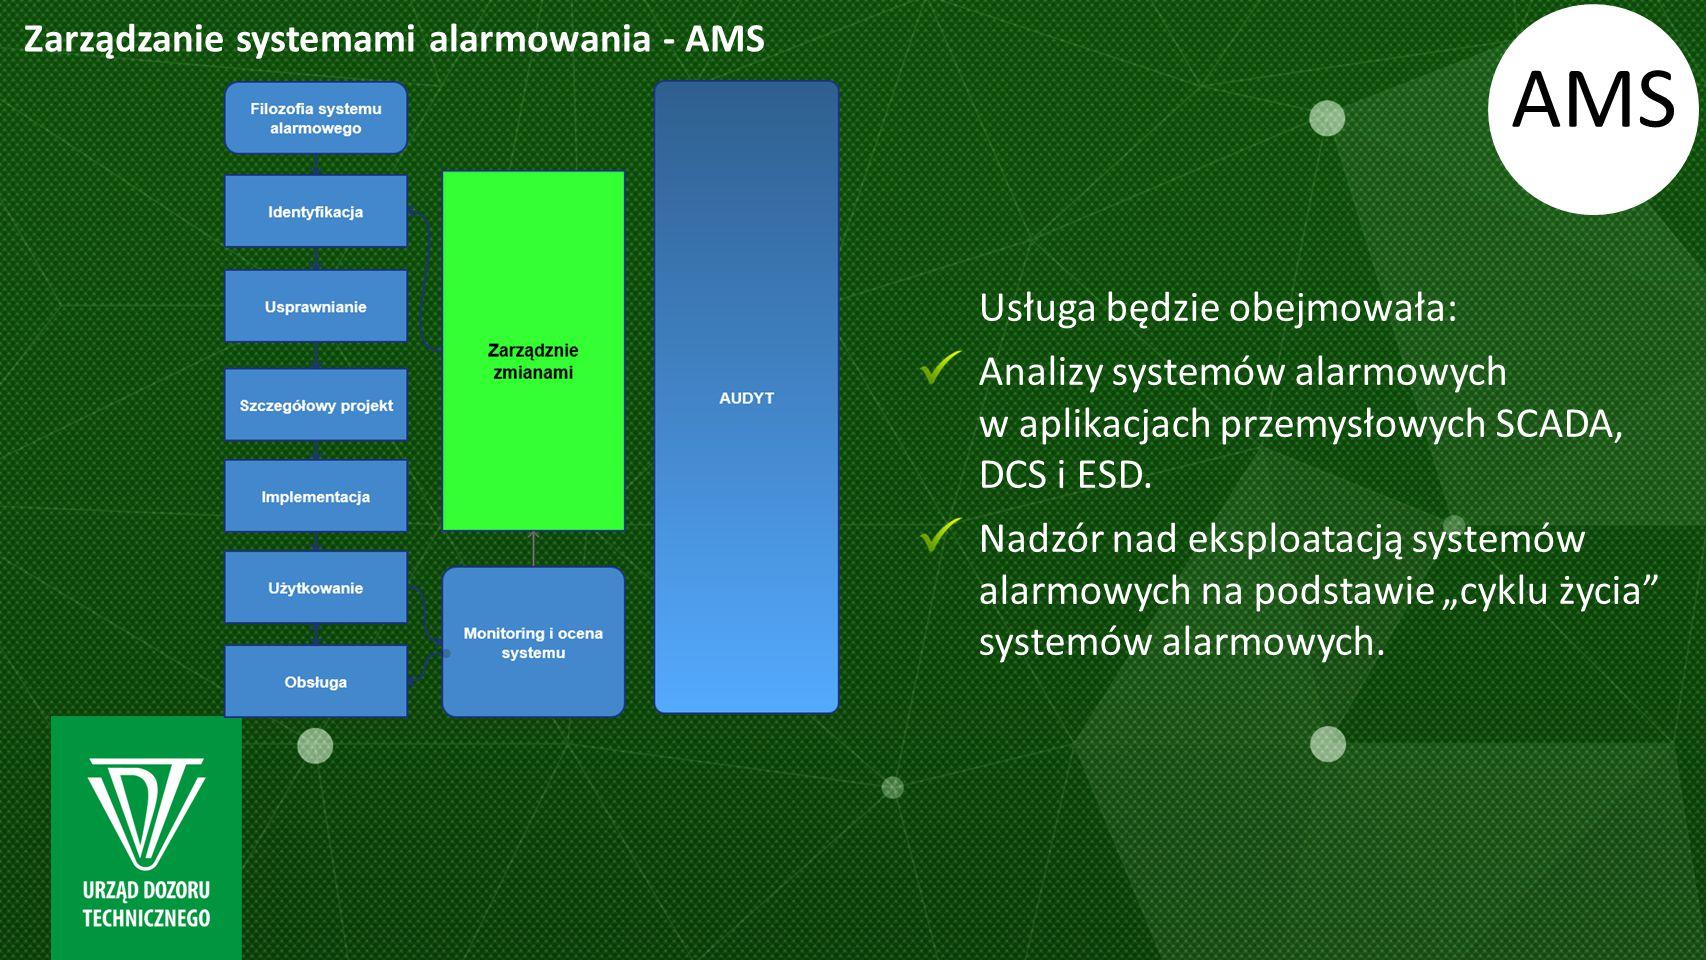 AMS Usługa będzie obejmowała: